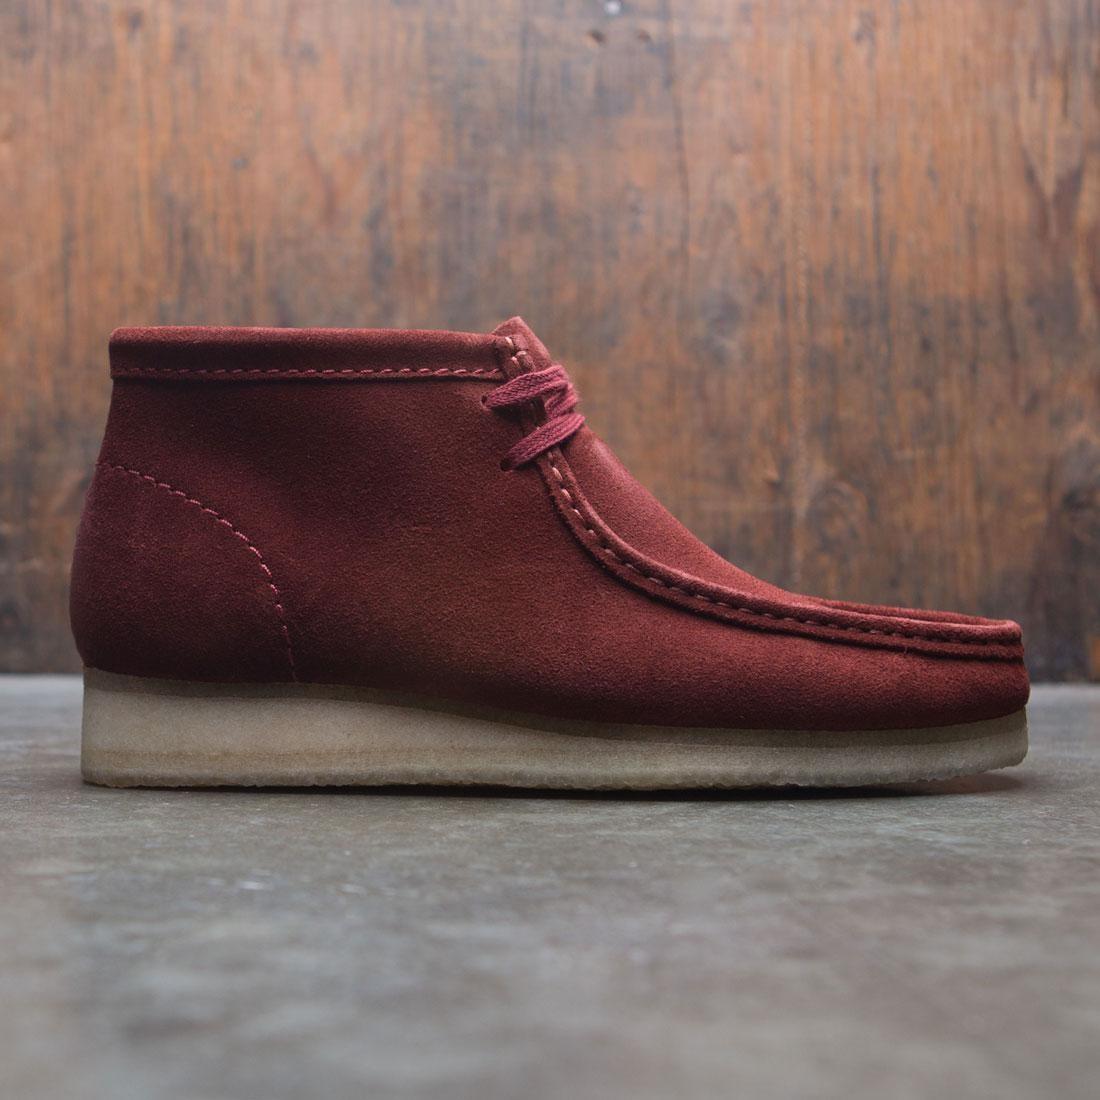 【海外限定】クラークス ブーツ 靴 メンズ靴 【 CLARKS MEN WALLABEE BOOT BROWN NUT SUEDE 】